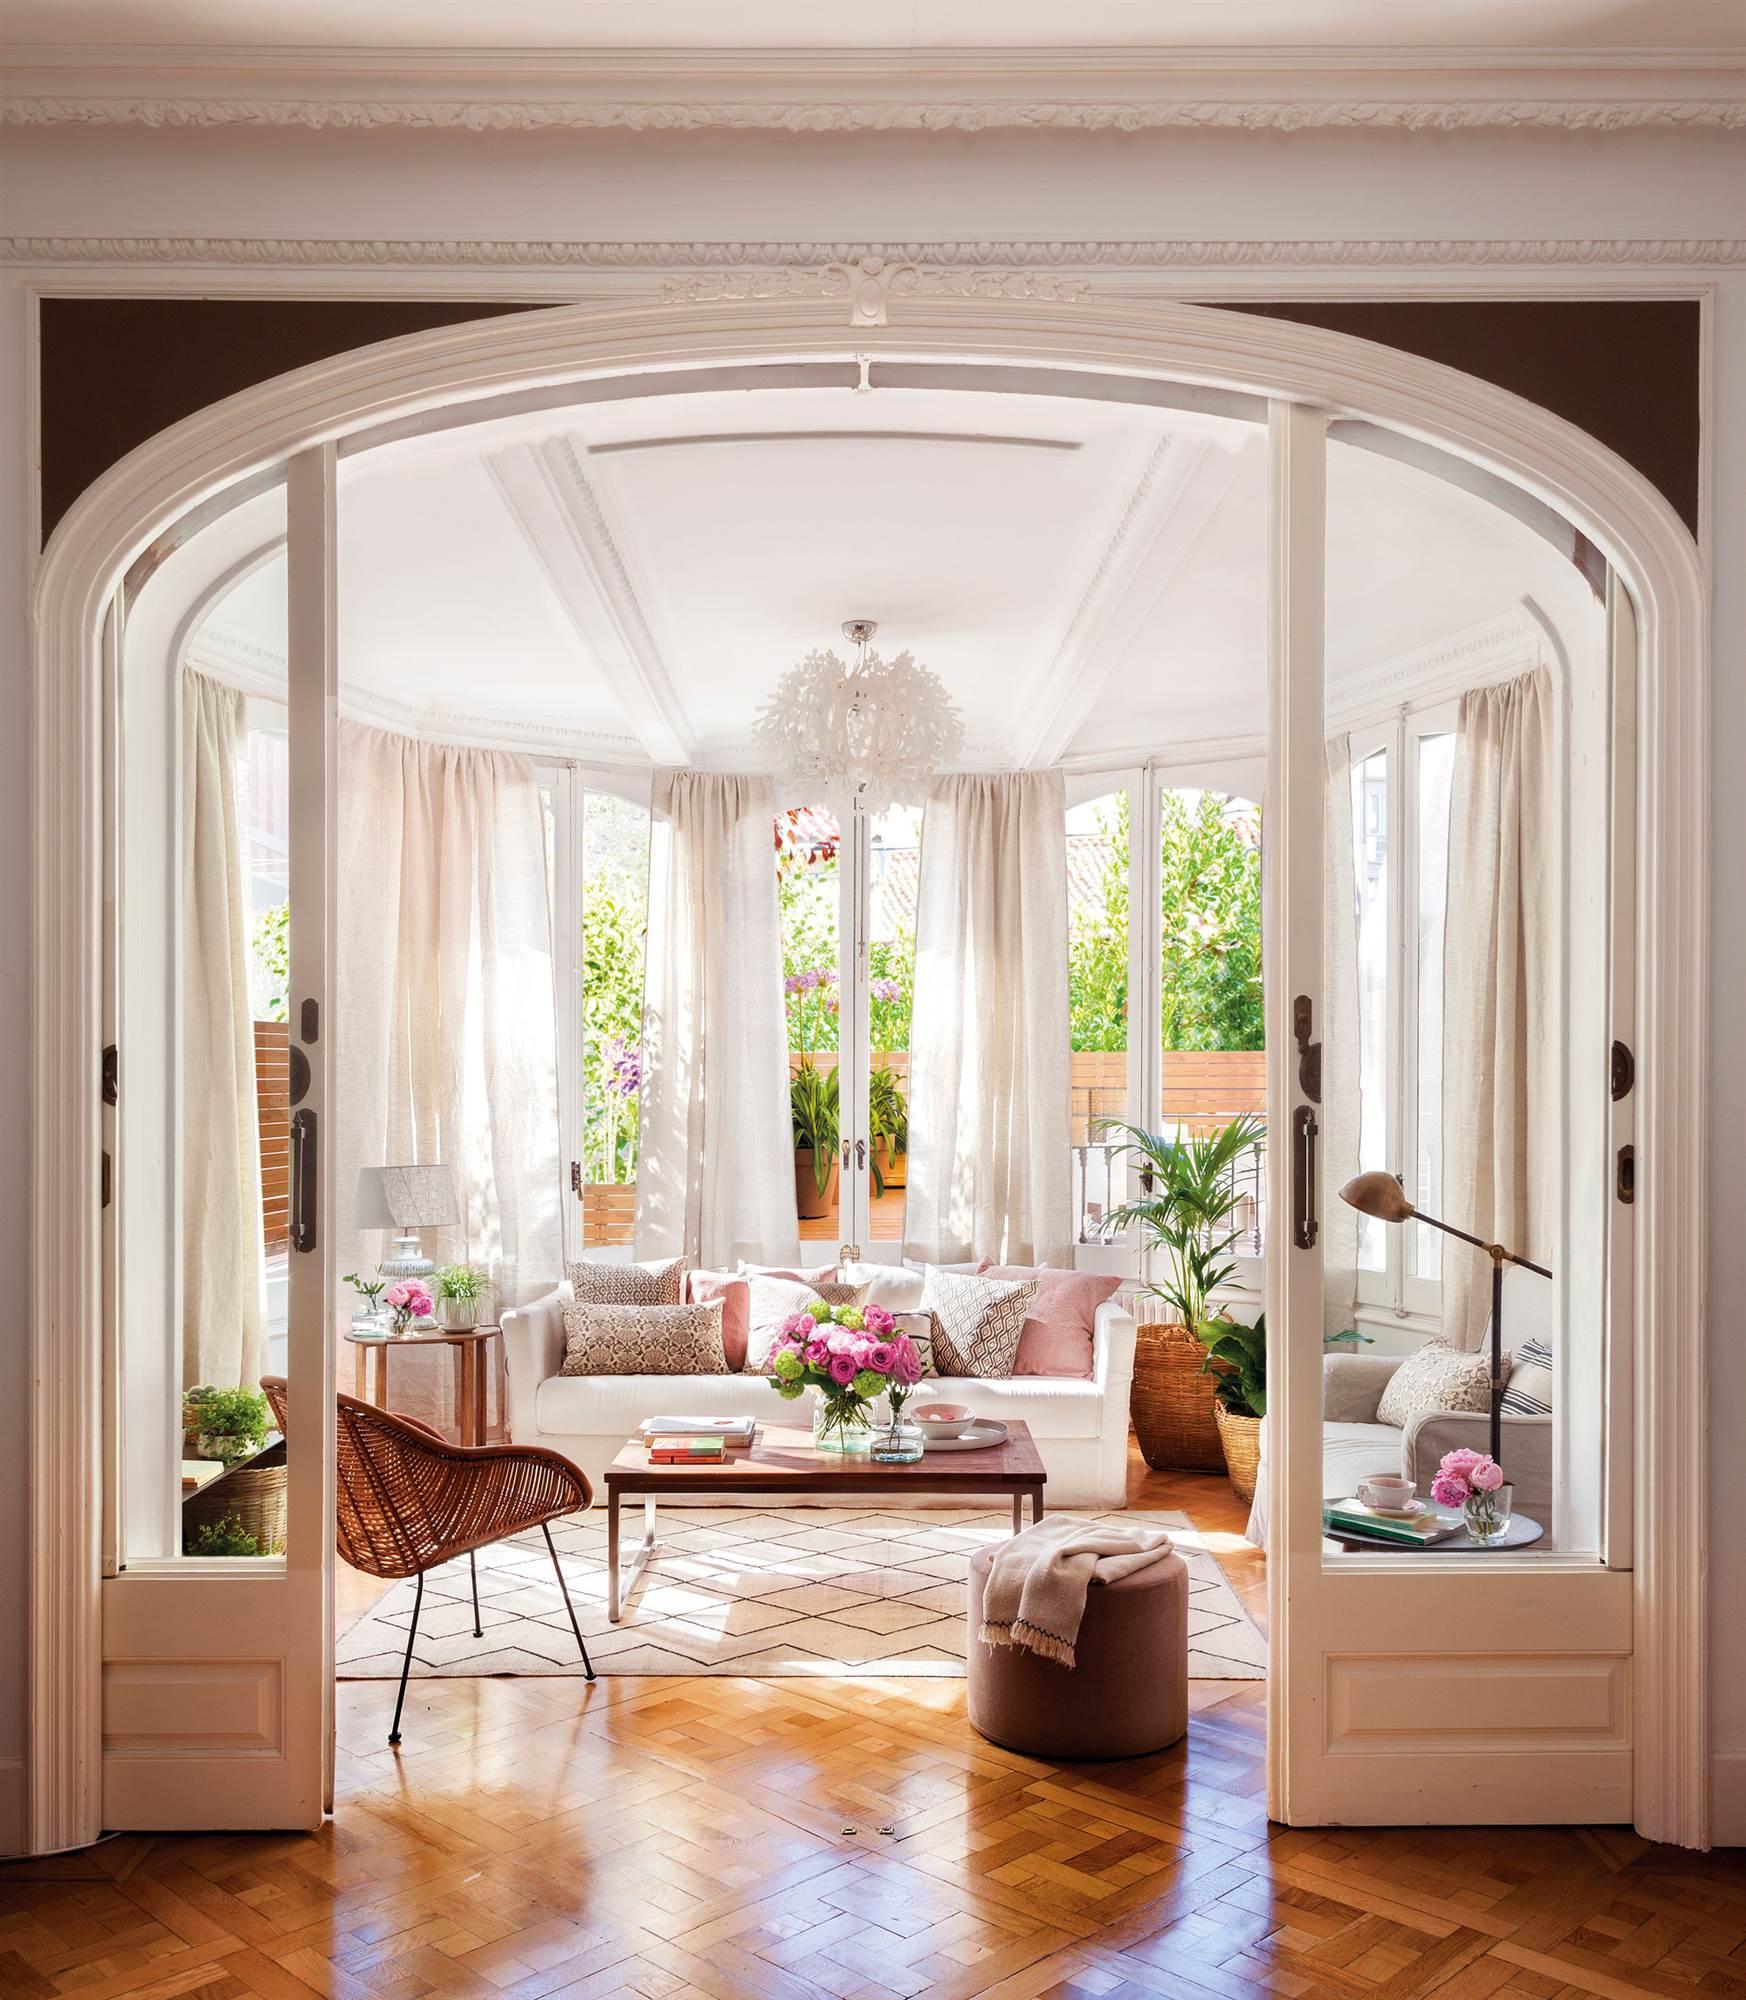 Salones cl sicos en diferentes estilos for Puertas acristaladas correderas